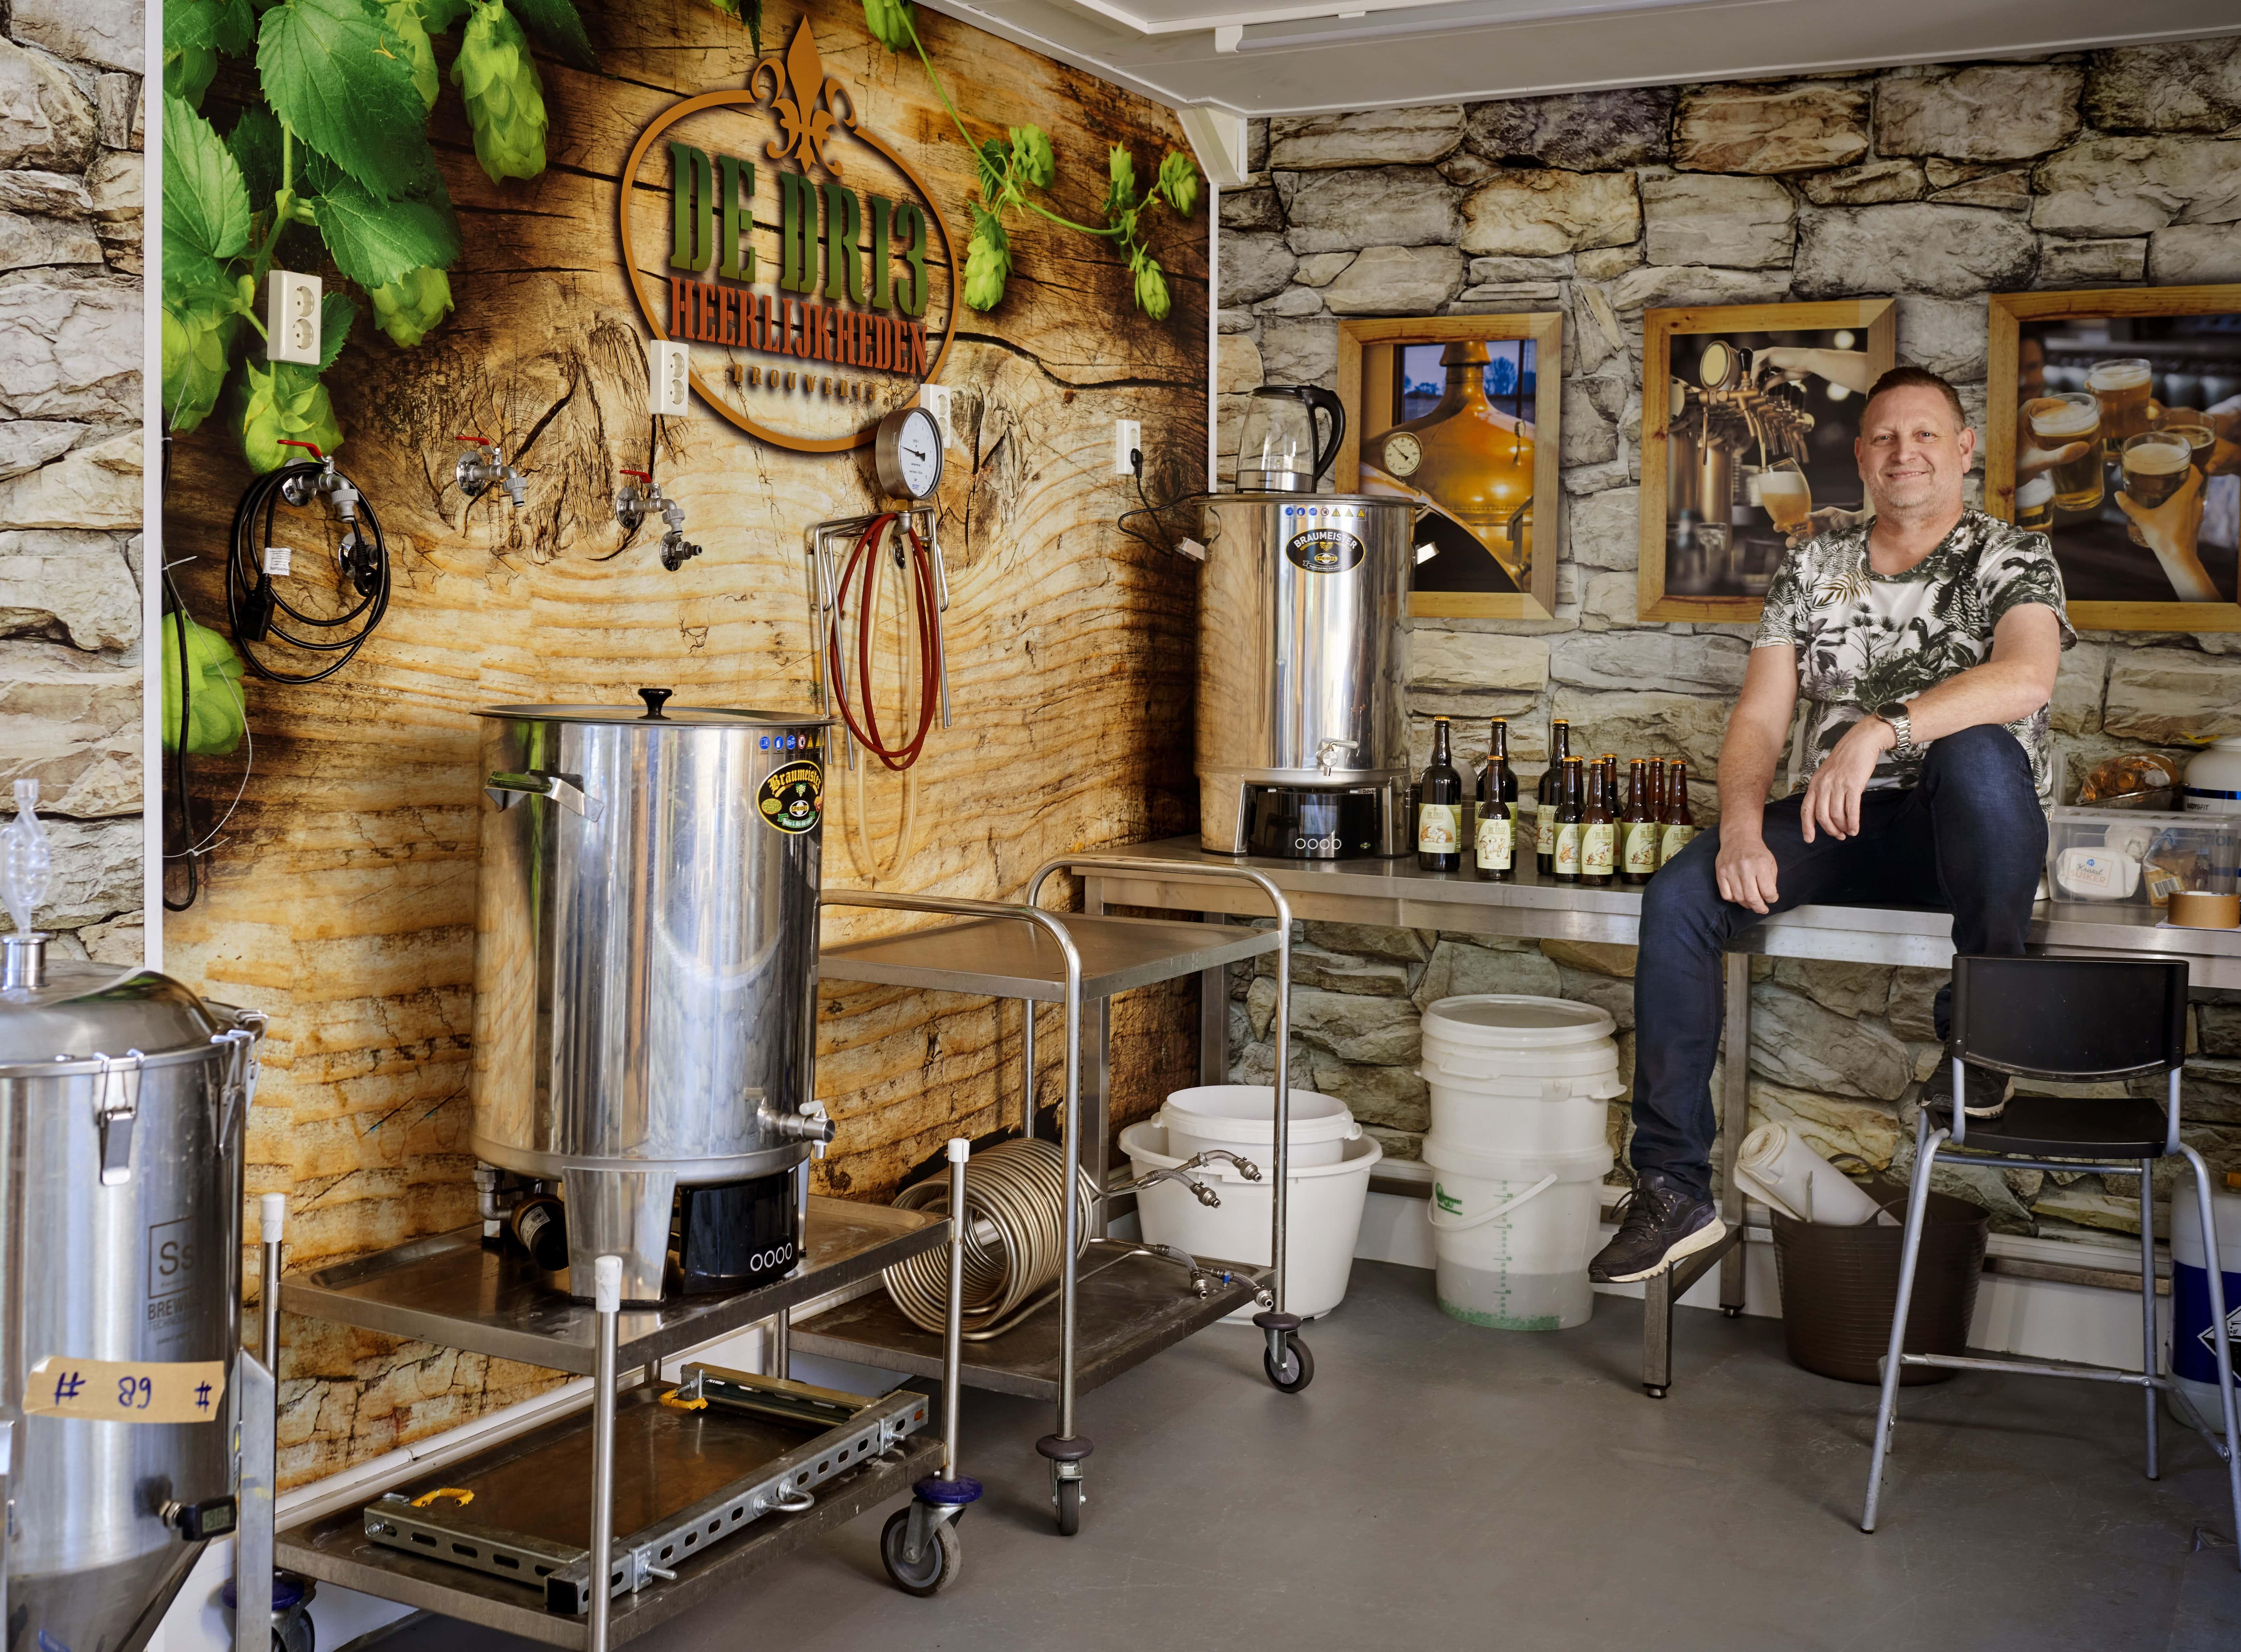 Bierbrouwerij: De Drie Heerlijkheden